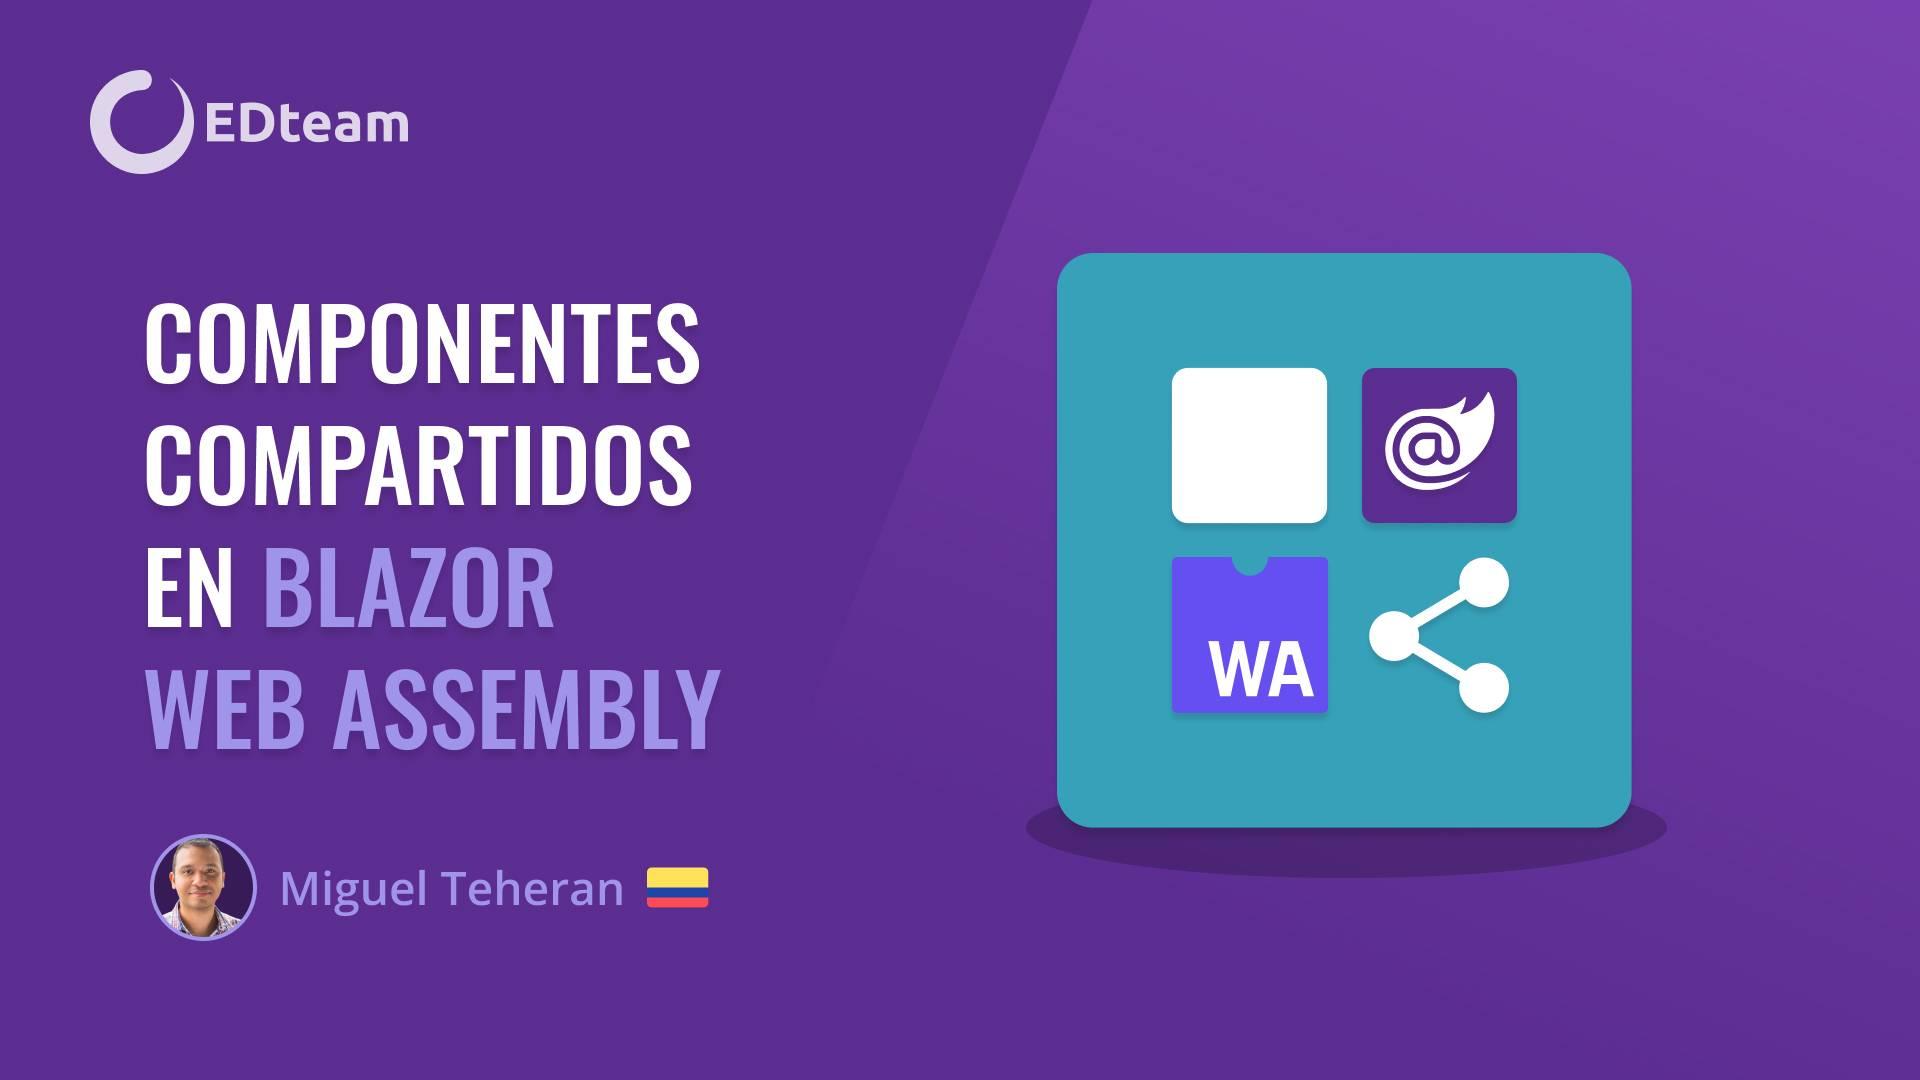 Componentes compartidos en Blazor Web Assembly